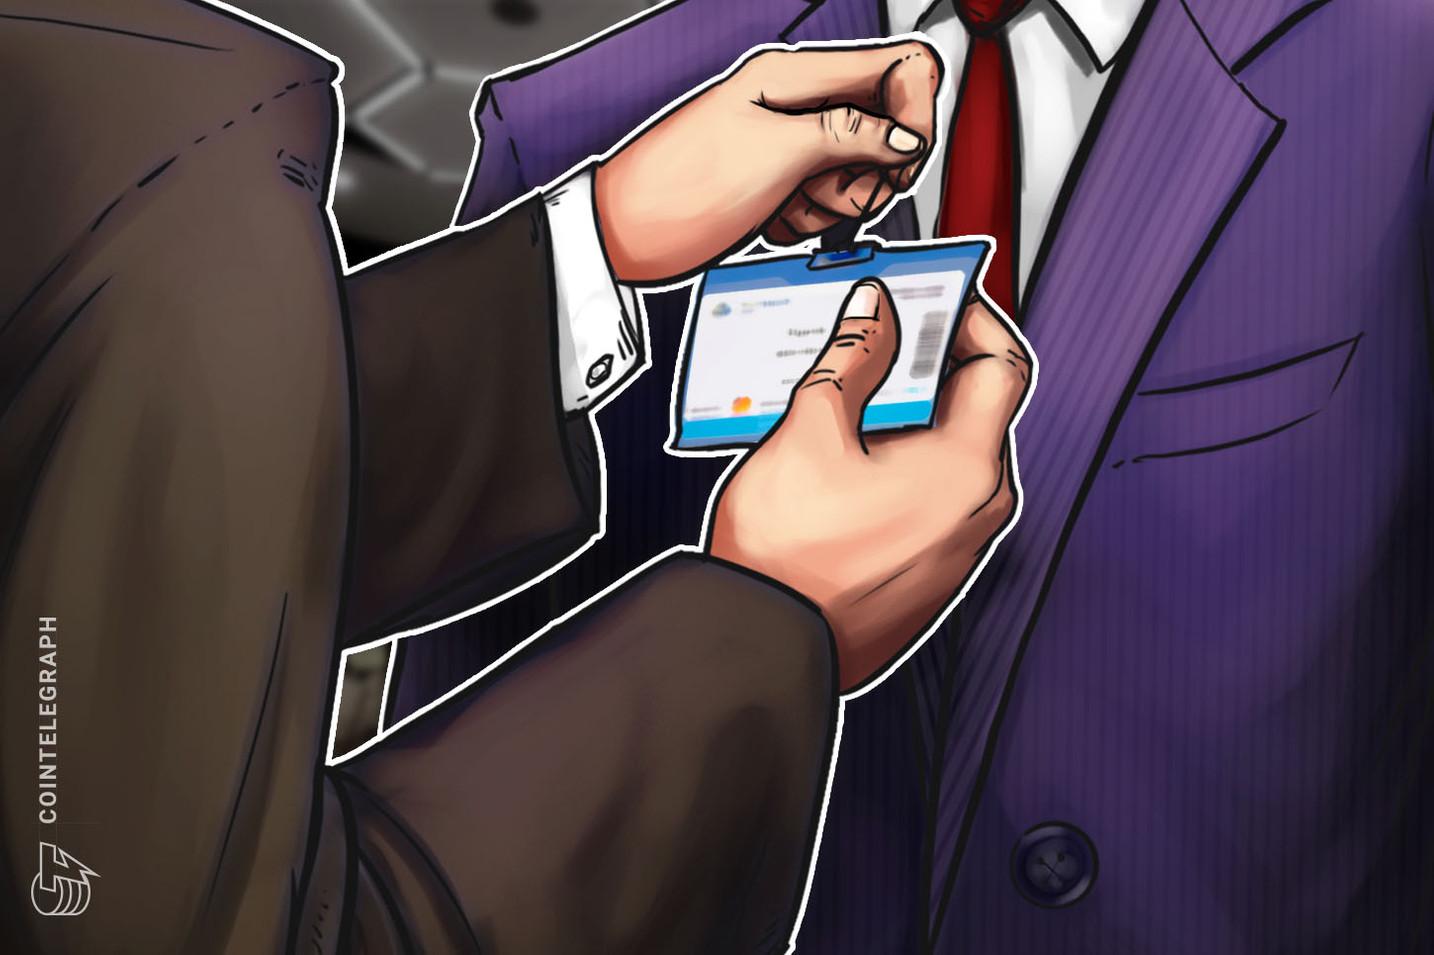 Nekdanji uslužbenec BitGo bo pomagal razviti kripto sklad Andreessen Horowitz v višini 2.2 milijarde USD